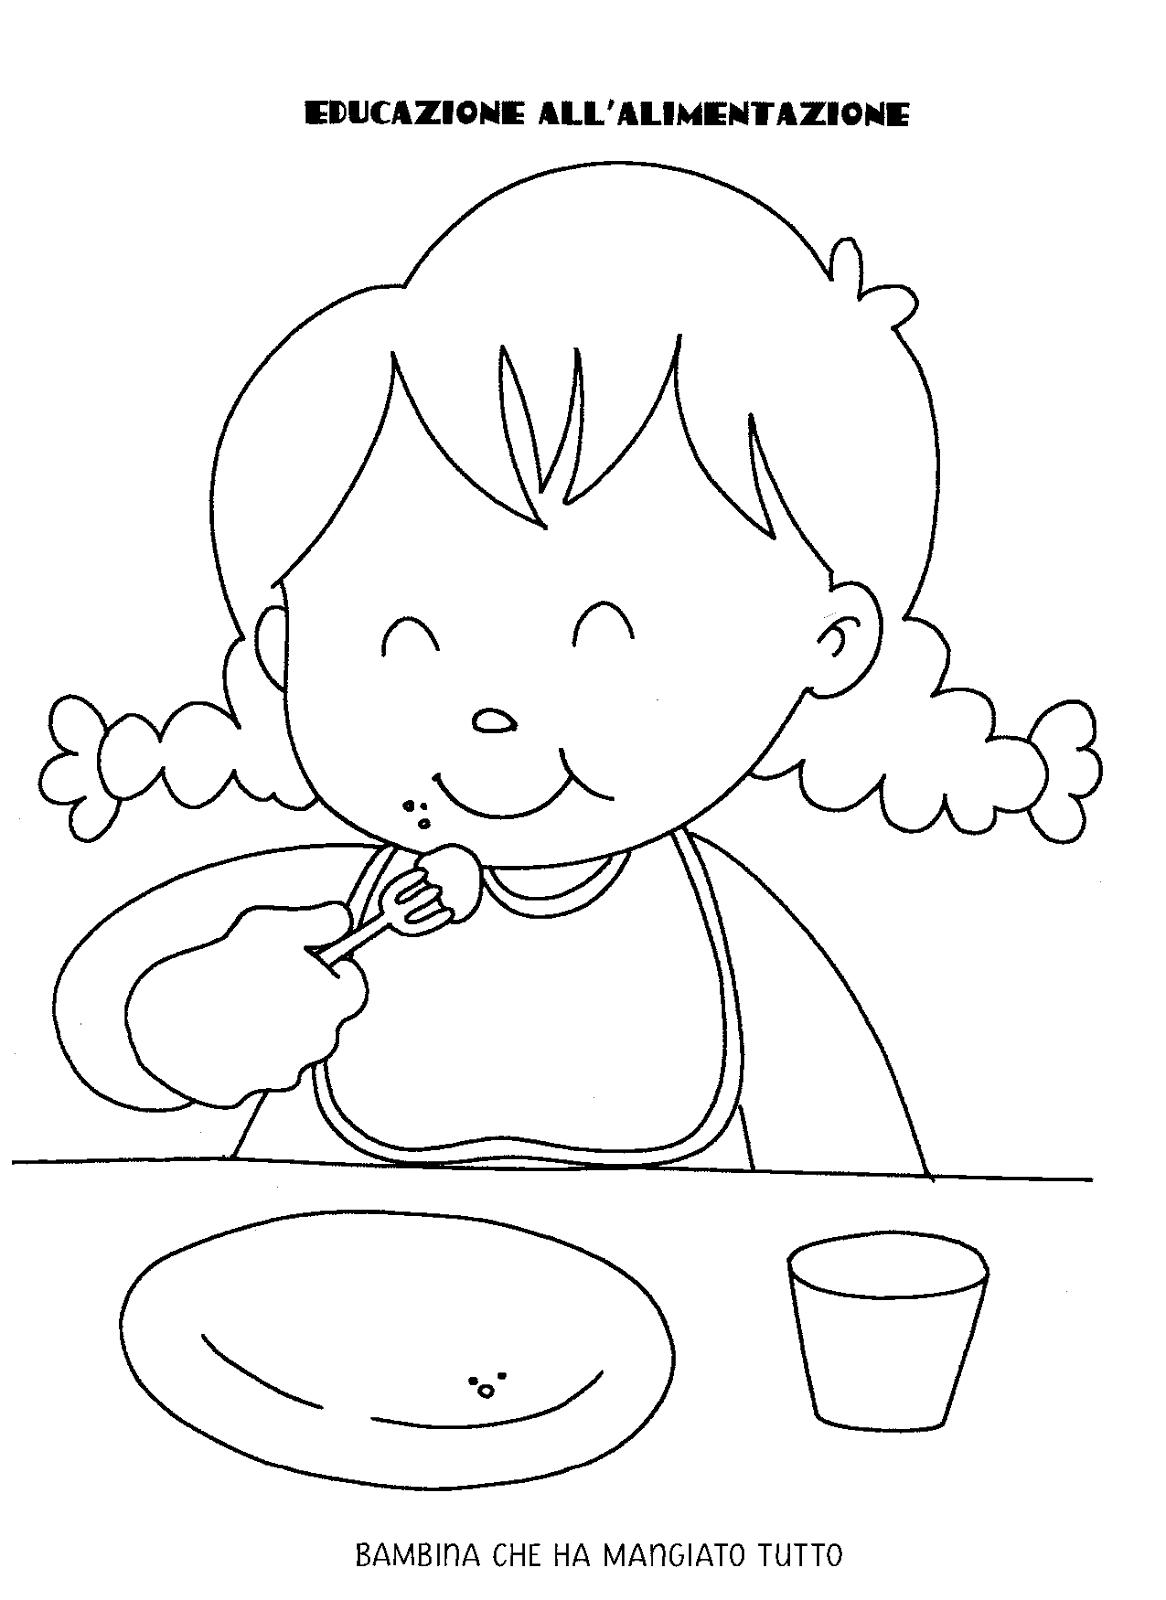 La maestra linda educazione alimentare for Maestra gemma scuola dell infanzia